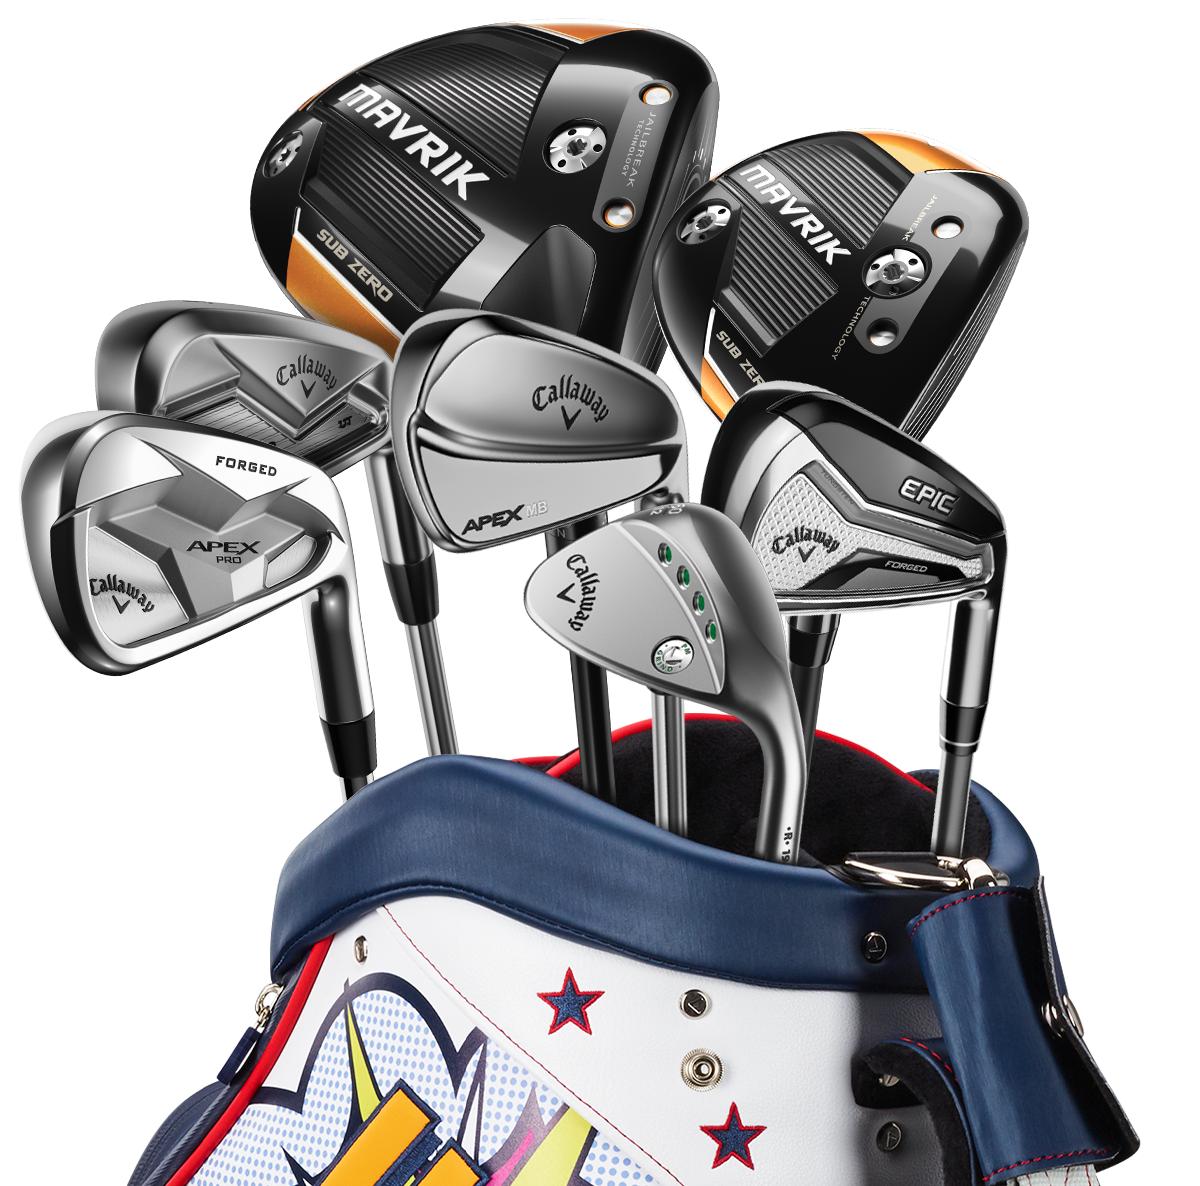 f:id:golf103:20200917061336p:plain